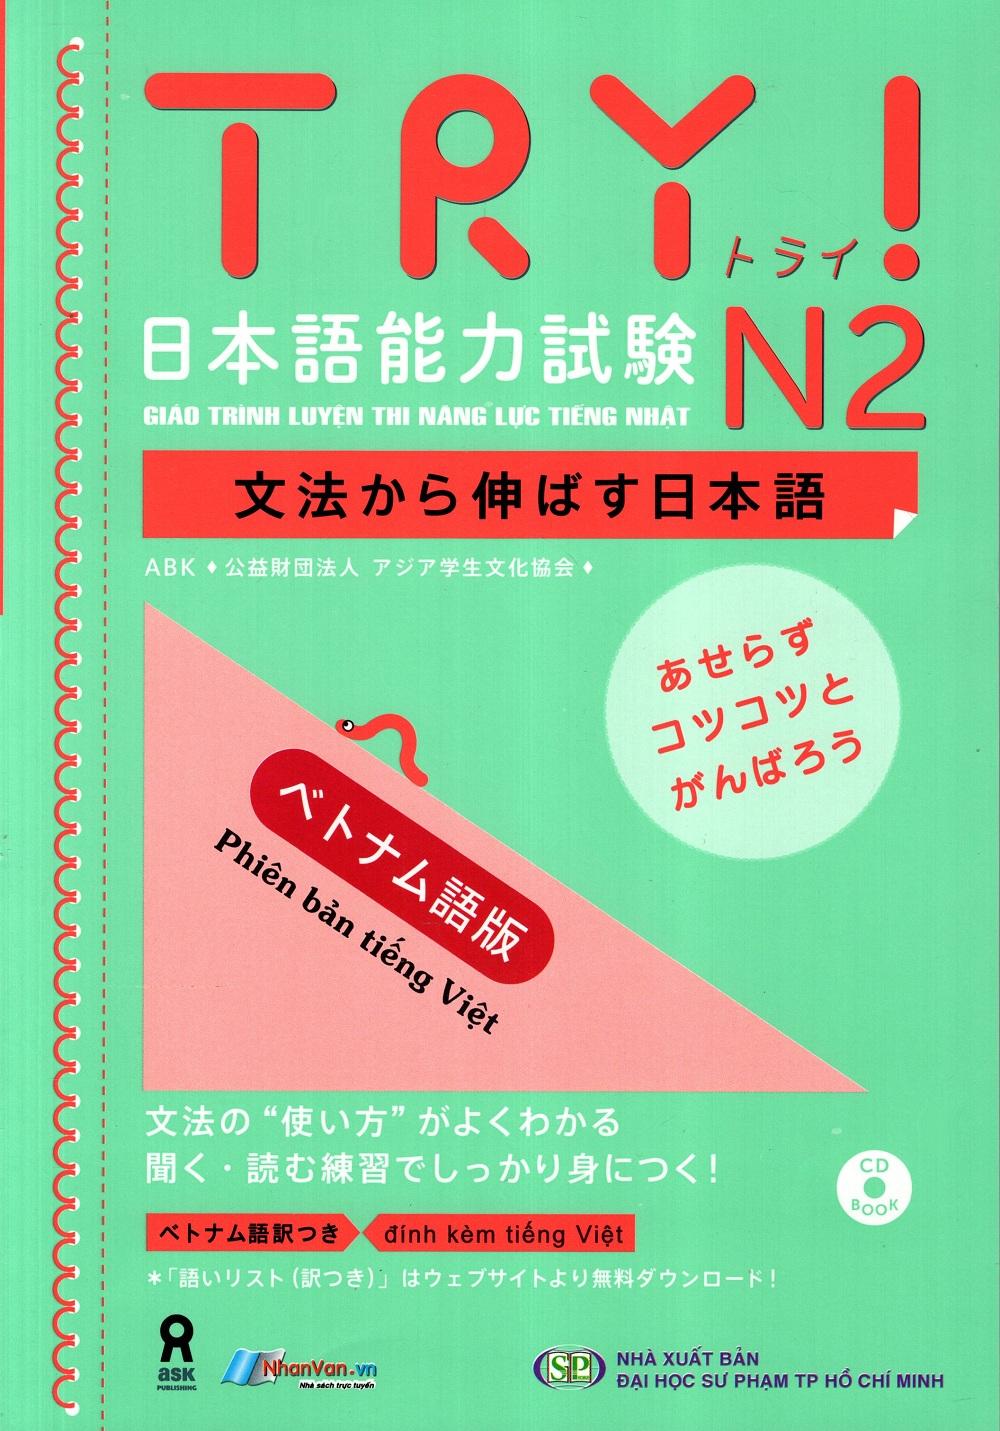 Bìa sách Giáo Trình Luyện Thi Năng Lực Tiếng Nhật Try! - N2 (Kèm 1 CD)